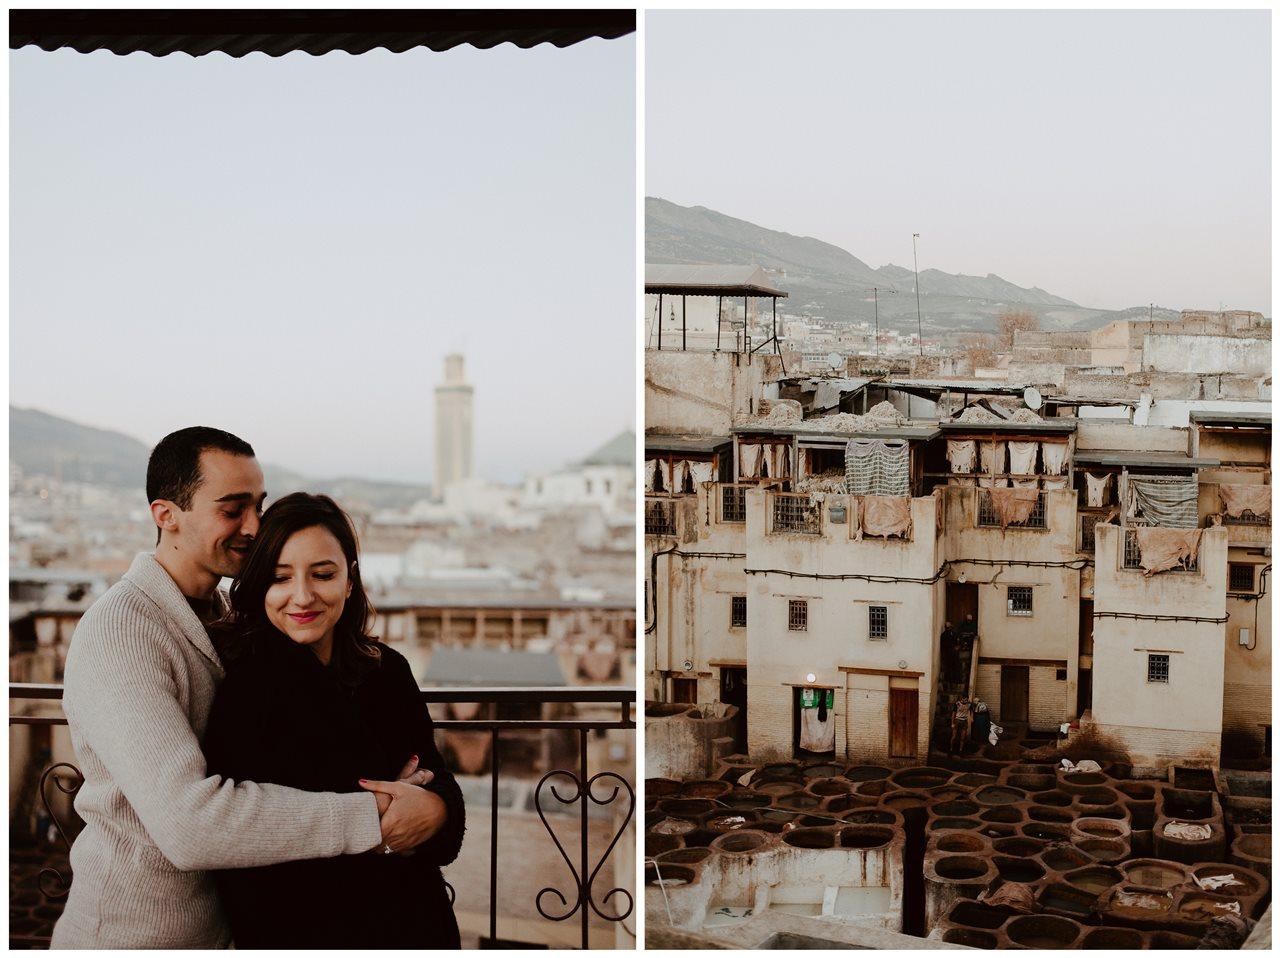 séance couple maroc toits de fès calin mariés et photo tannerie